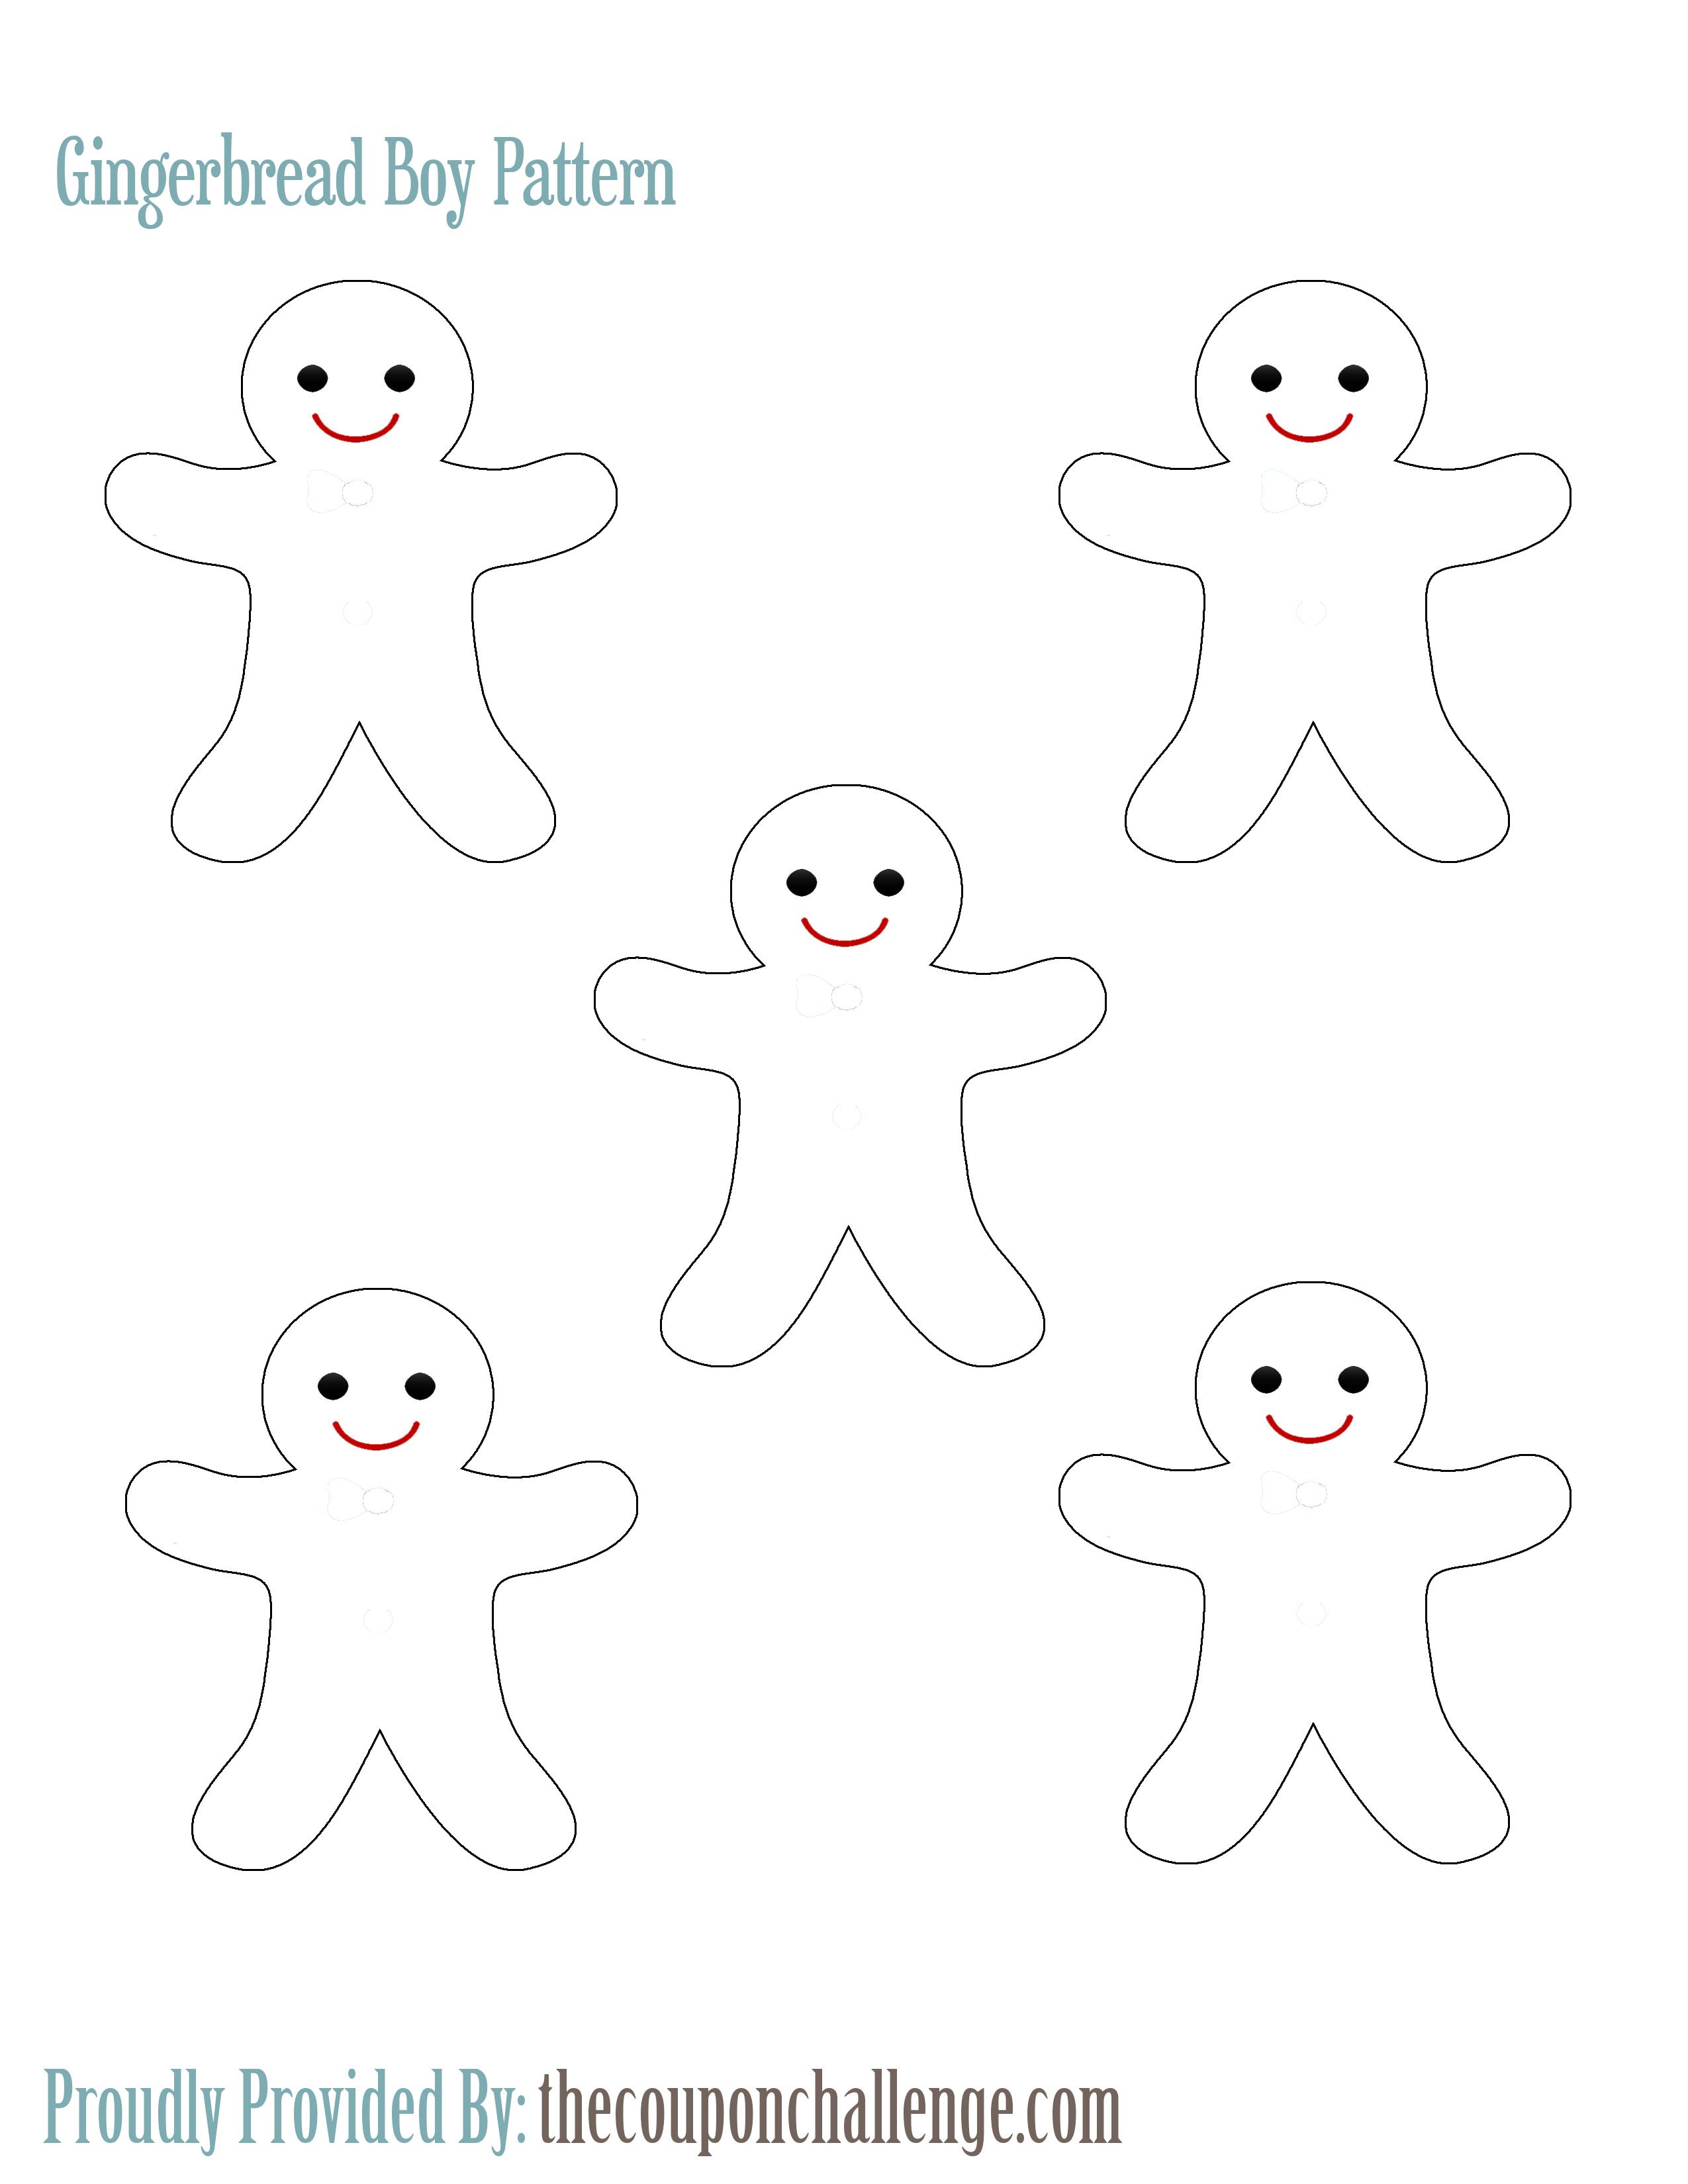 Gingerbread Boy Pattern